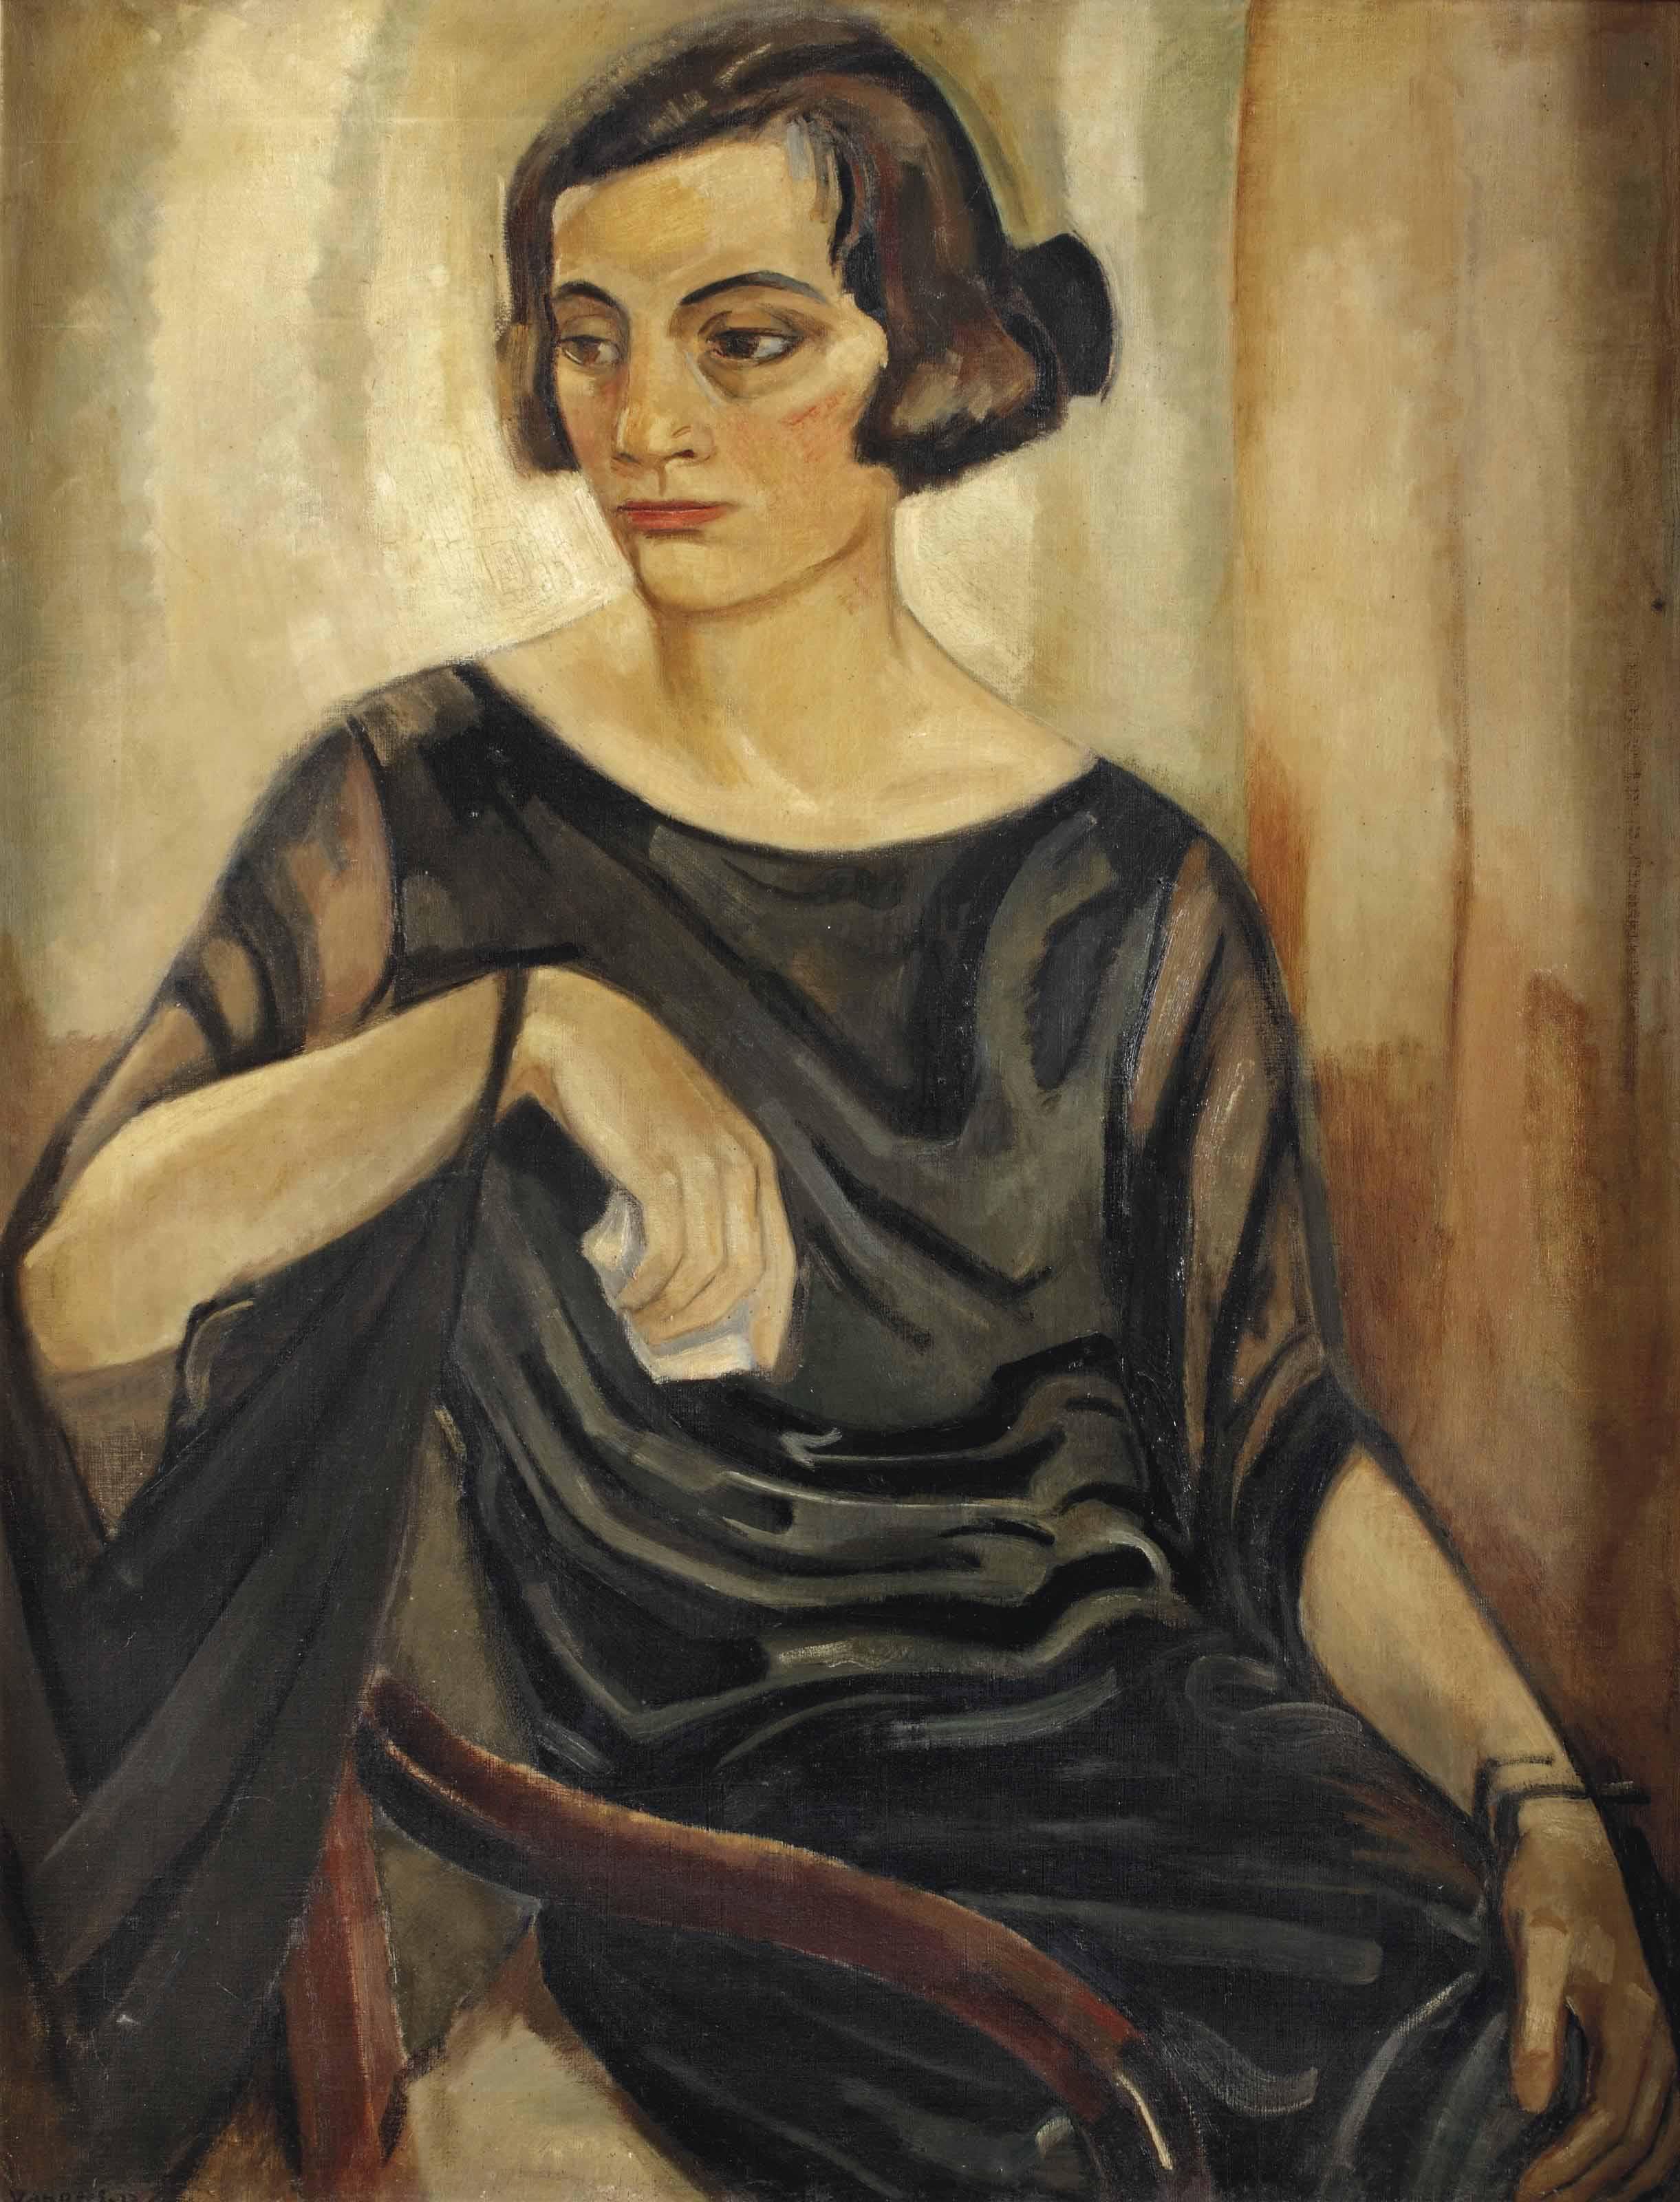 Mrs. Nel Wiegersma-Daniëls